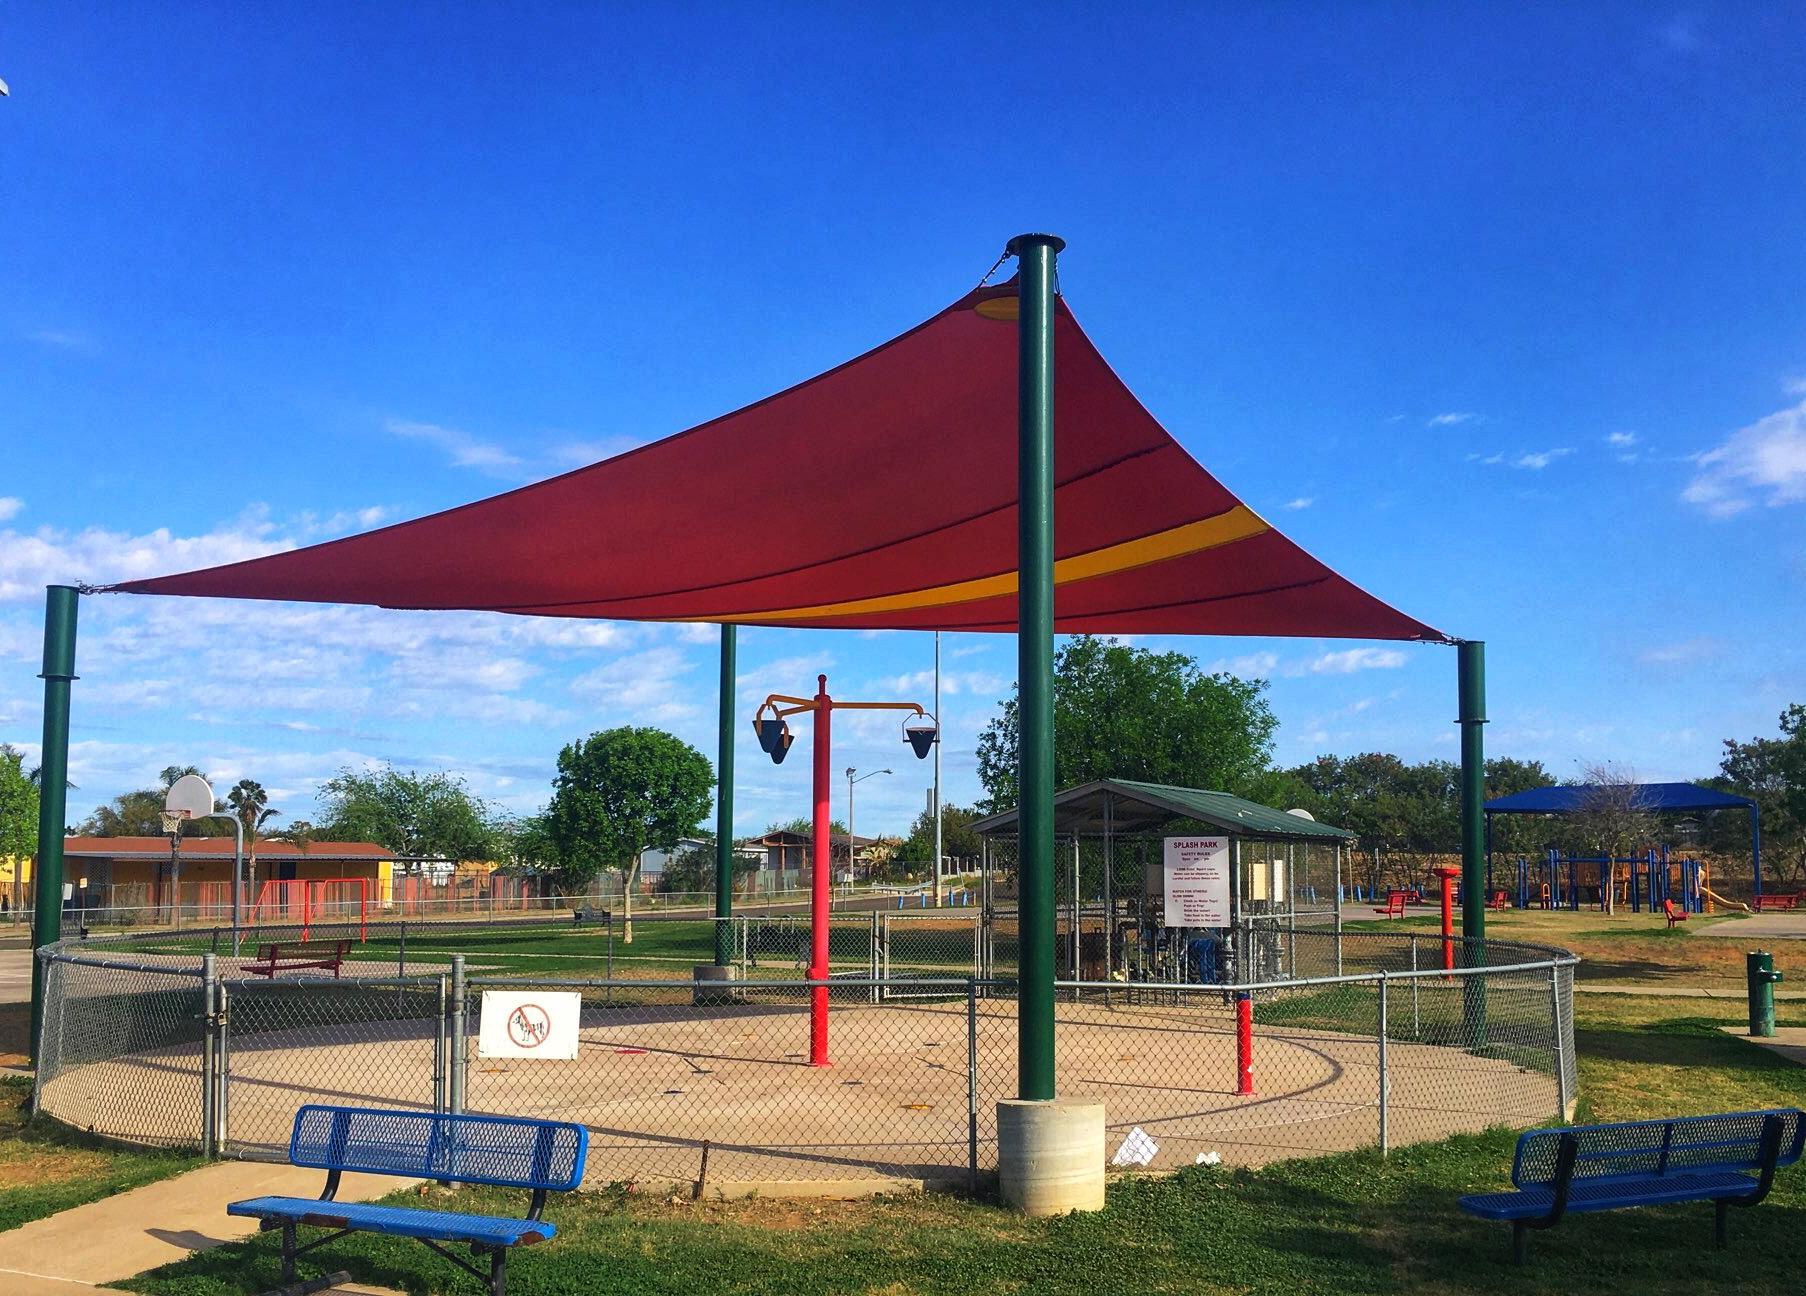 Santa Fe Splash Park